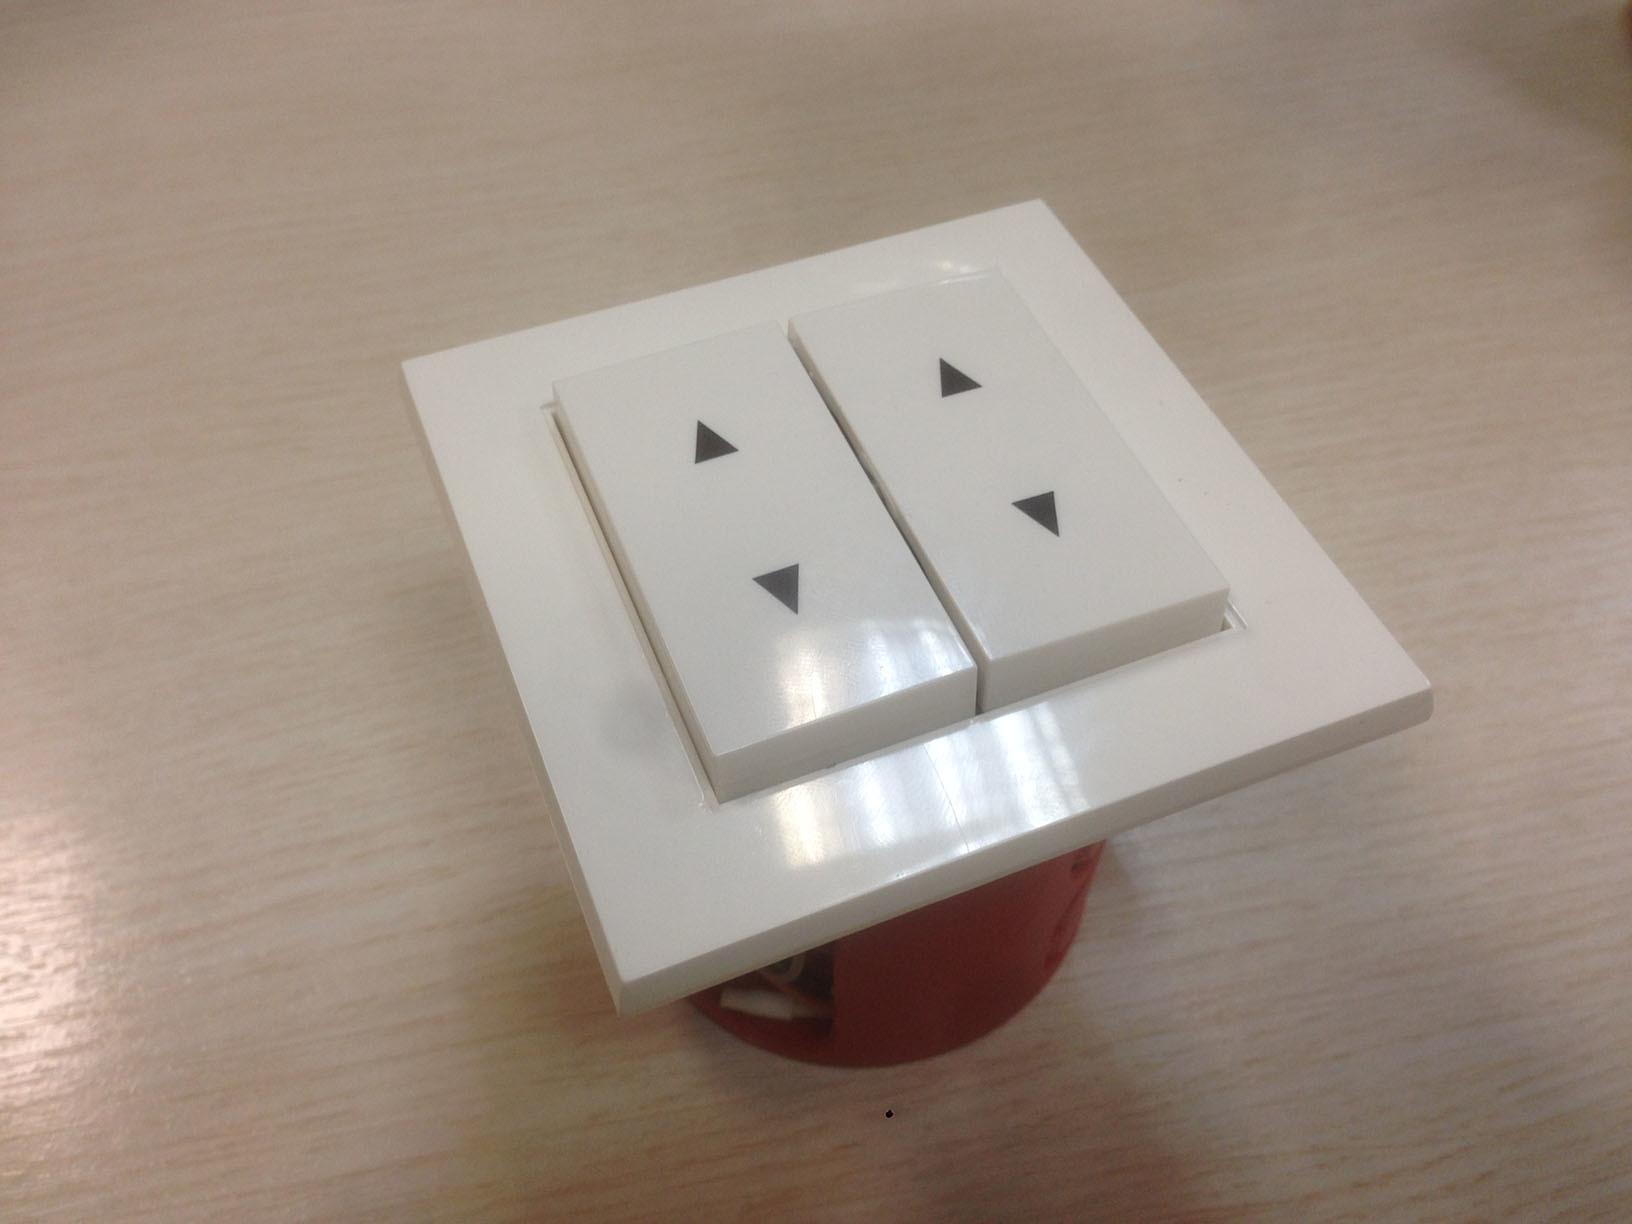 Выключатель Gira + Z-Wave. 4-кнопочный радио выключатель на базе Z-Uno - 6